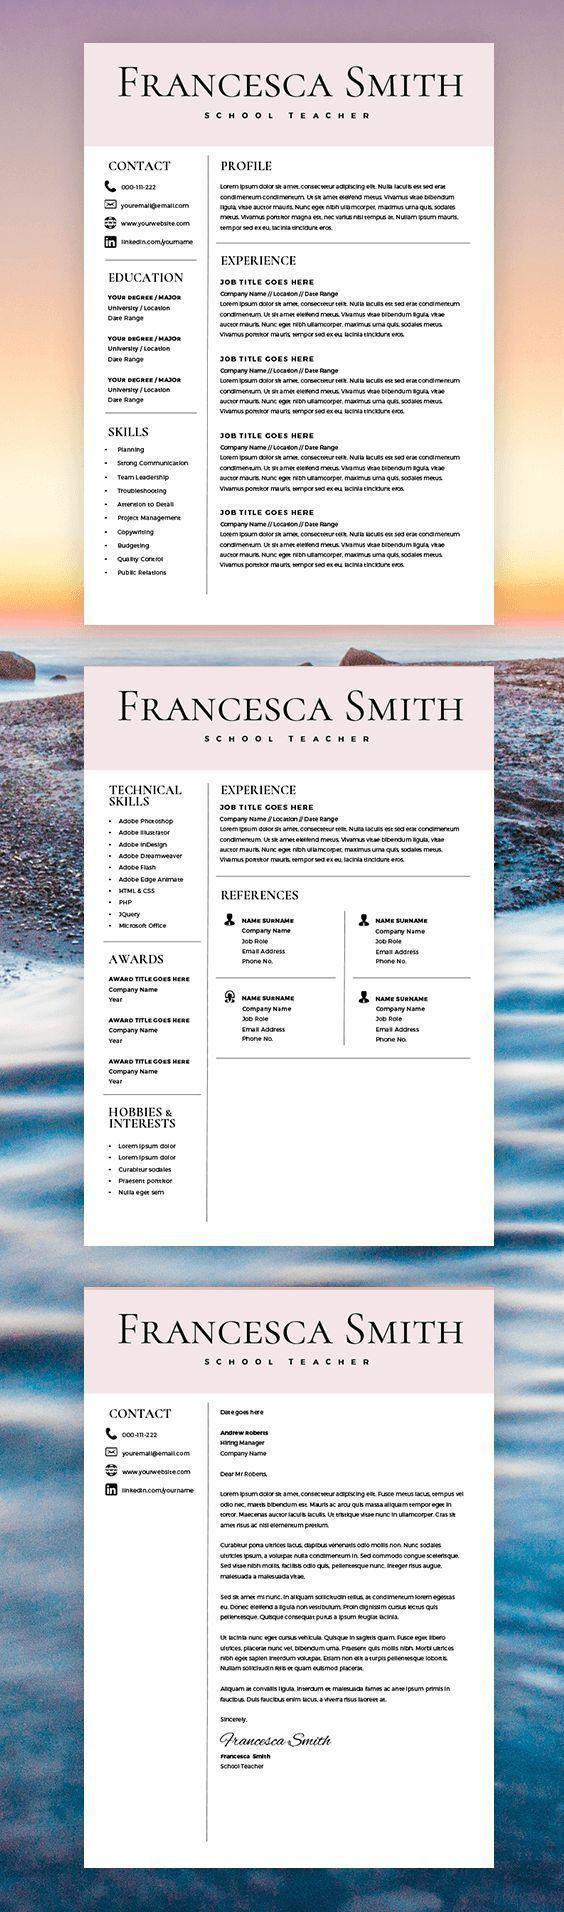 Teacher Resume Template - Resume for Teacher - Cover Letter for teacher - Microsoft Word Mac / PC - Teaching Resume - Instant Download